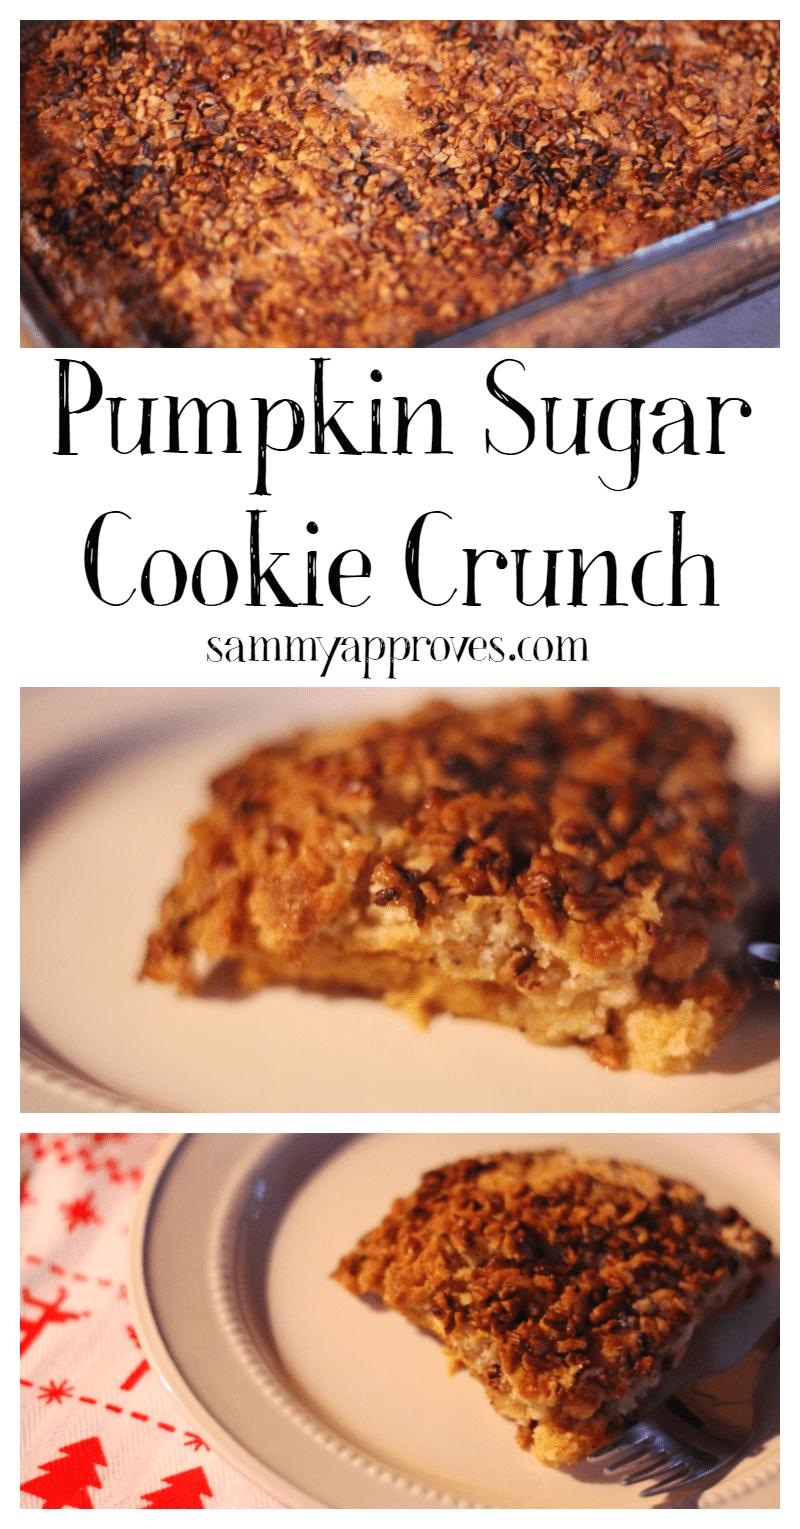 pumpkin-sugar-cookie-crunch-min